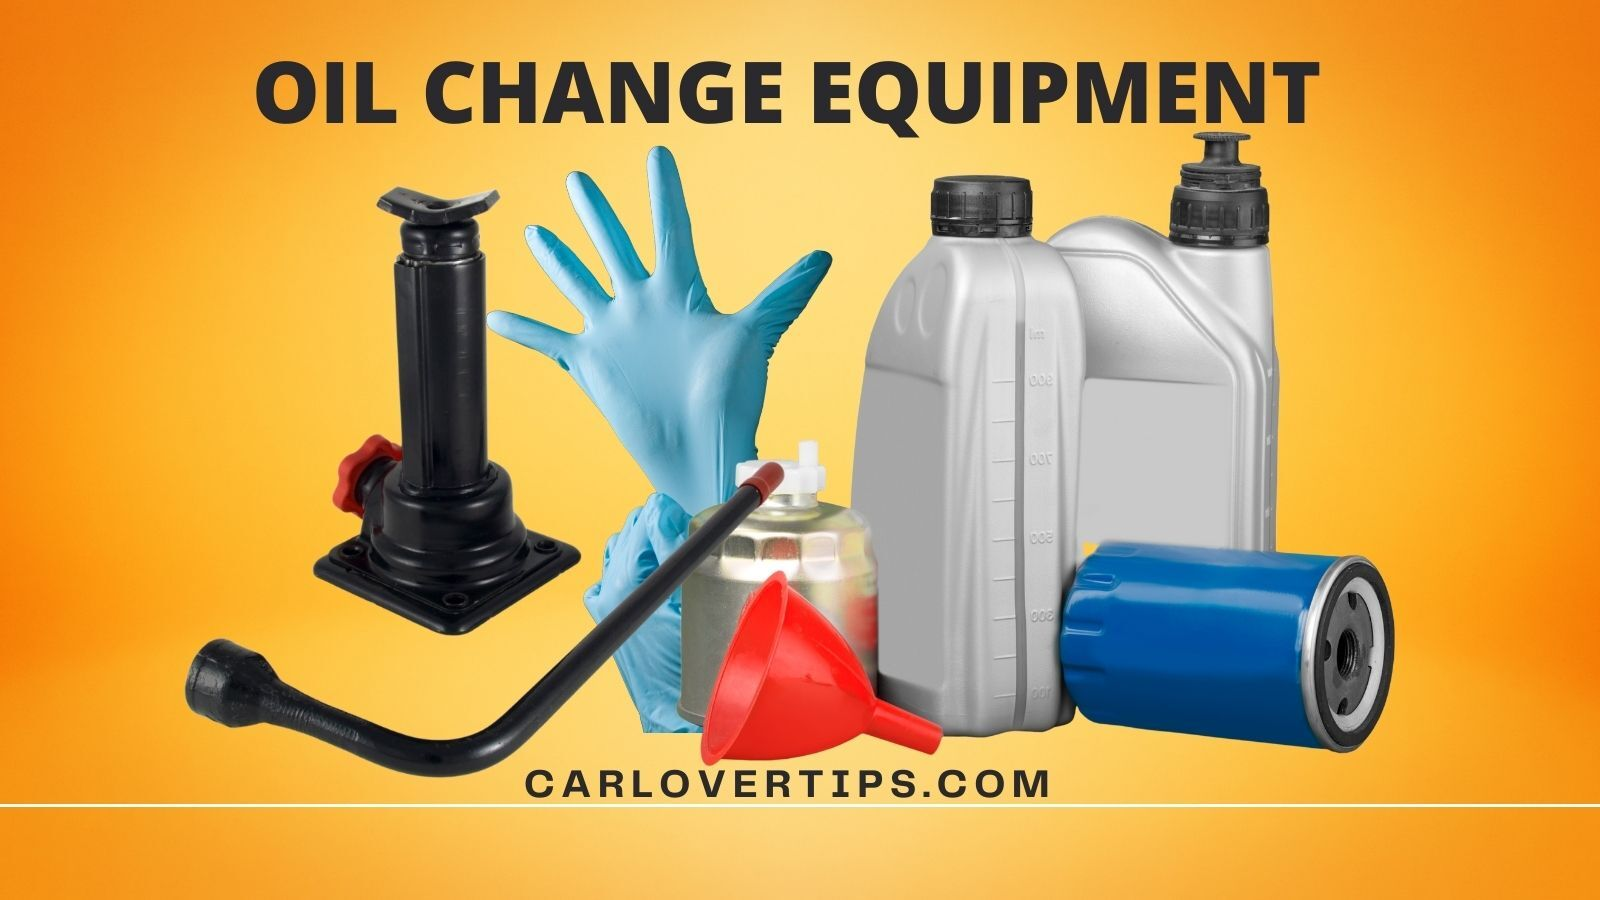 Equipment Needed For An Oil Change Car Lover Tips Hacks